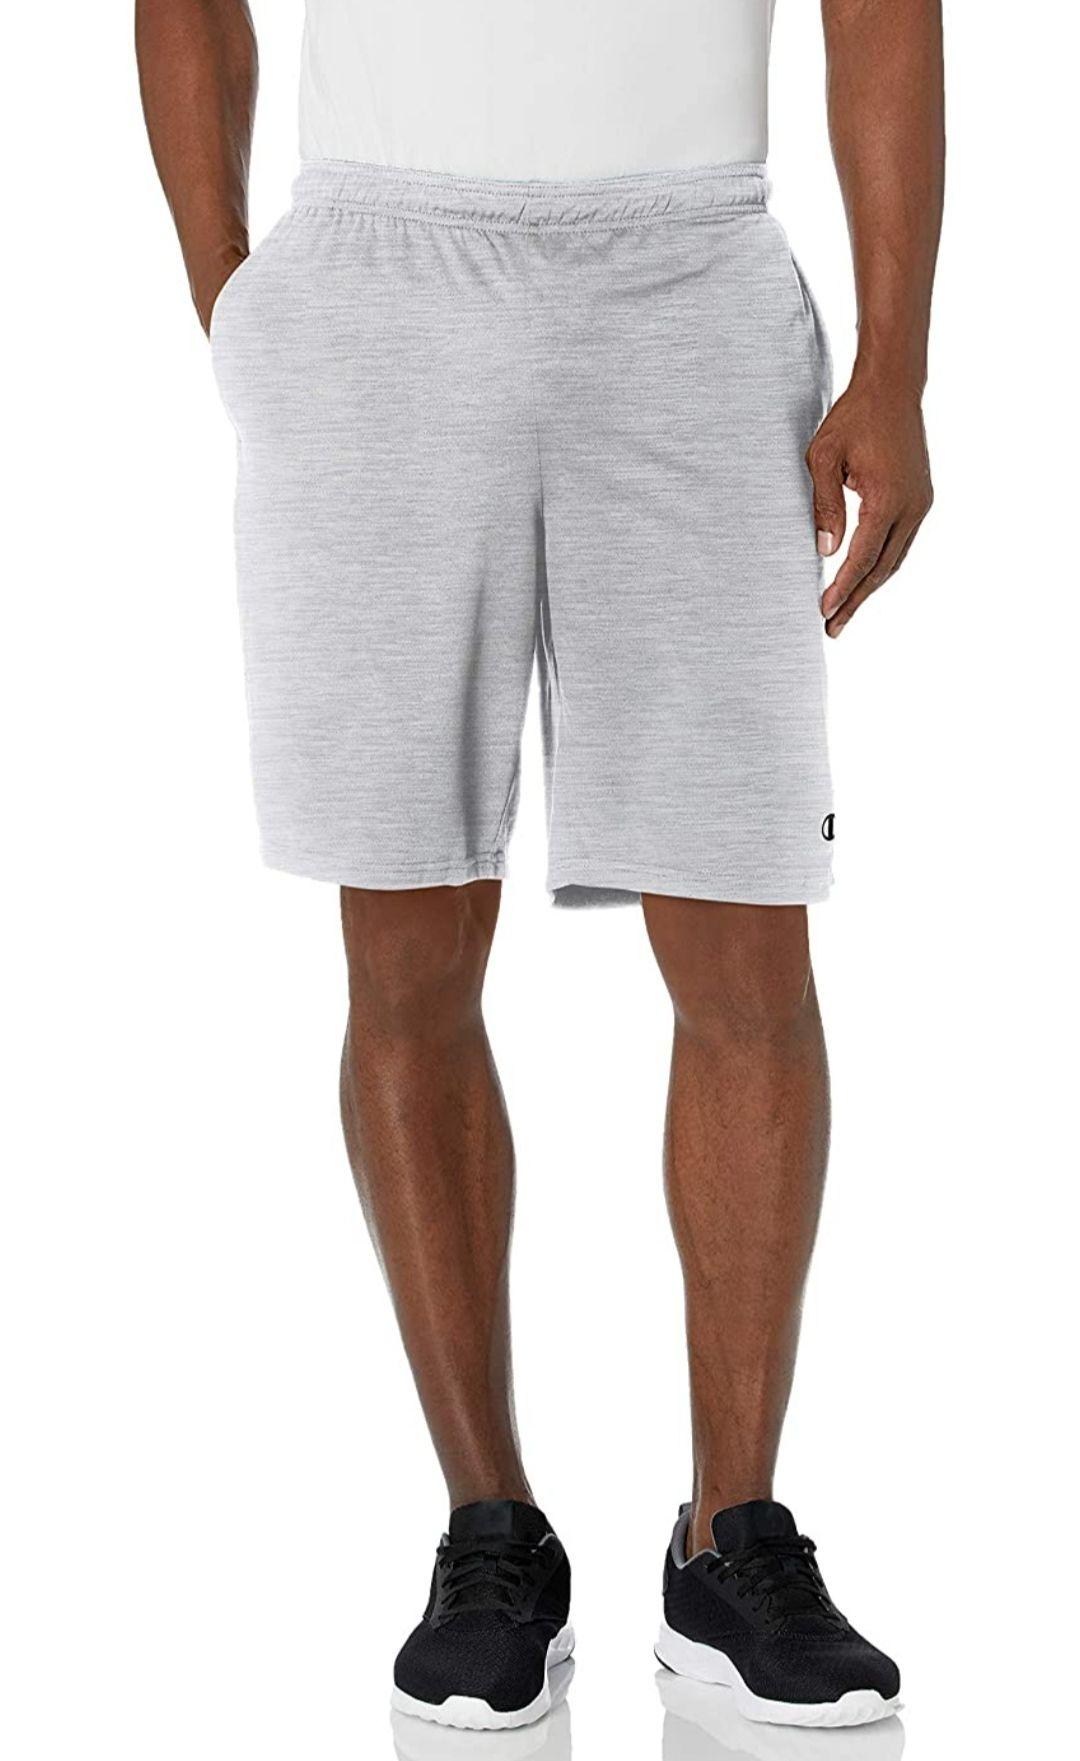 Amazon: Short champion gris S, L, XL, 2x